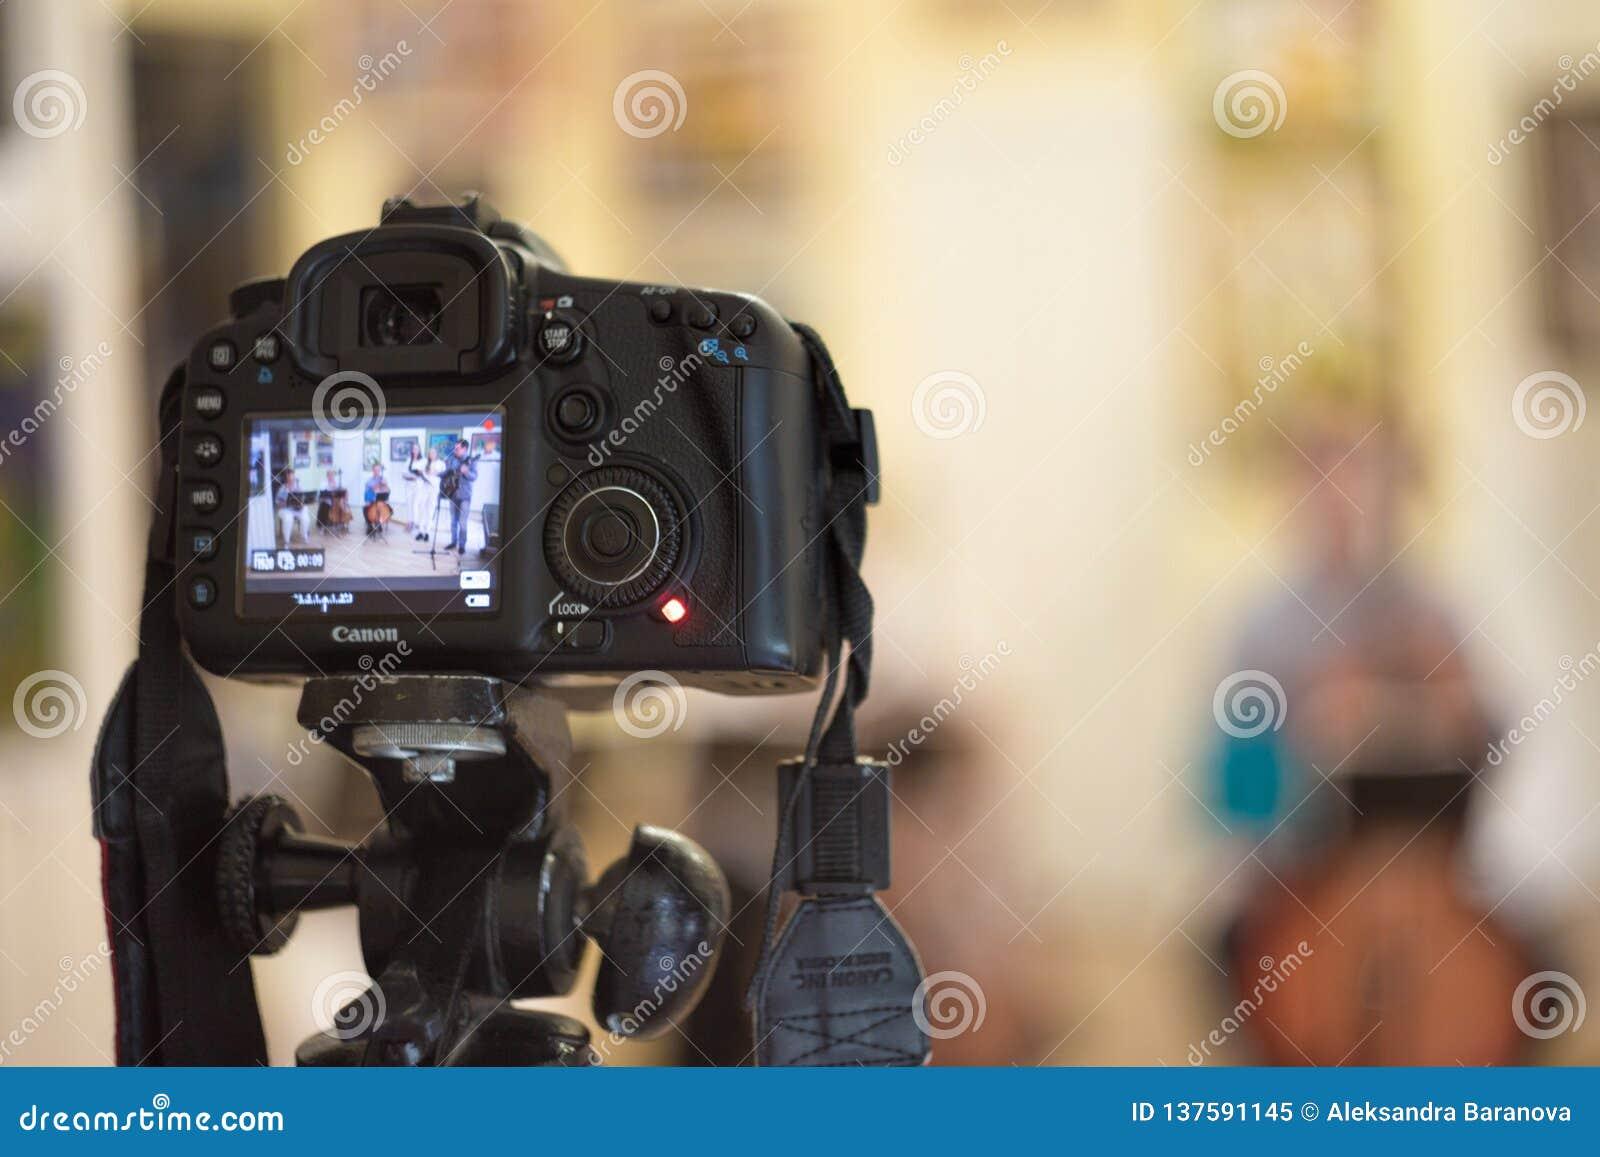 Fryazino, Rusland - 05 22 2018: Canon-de camera op een driepoot registreert het overleg